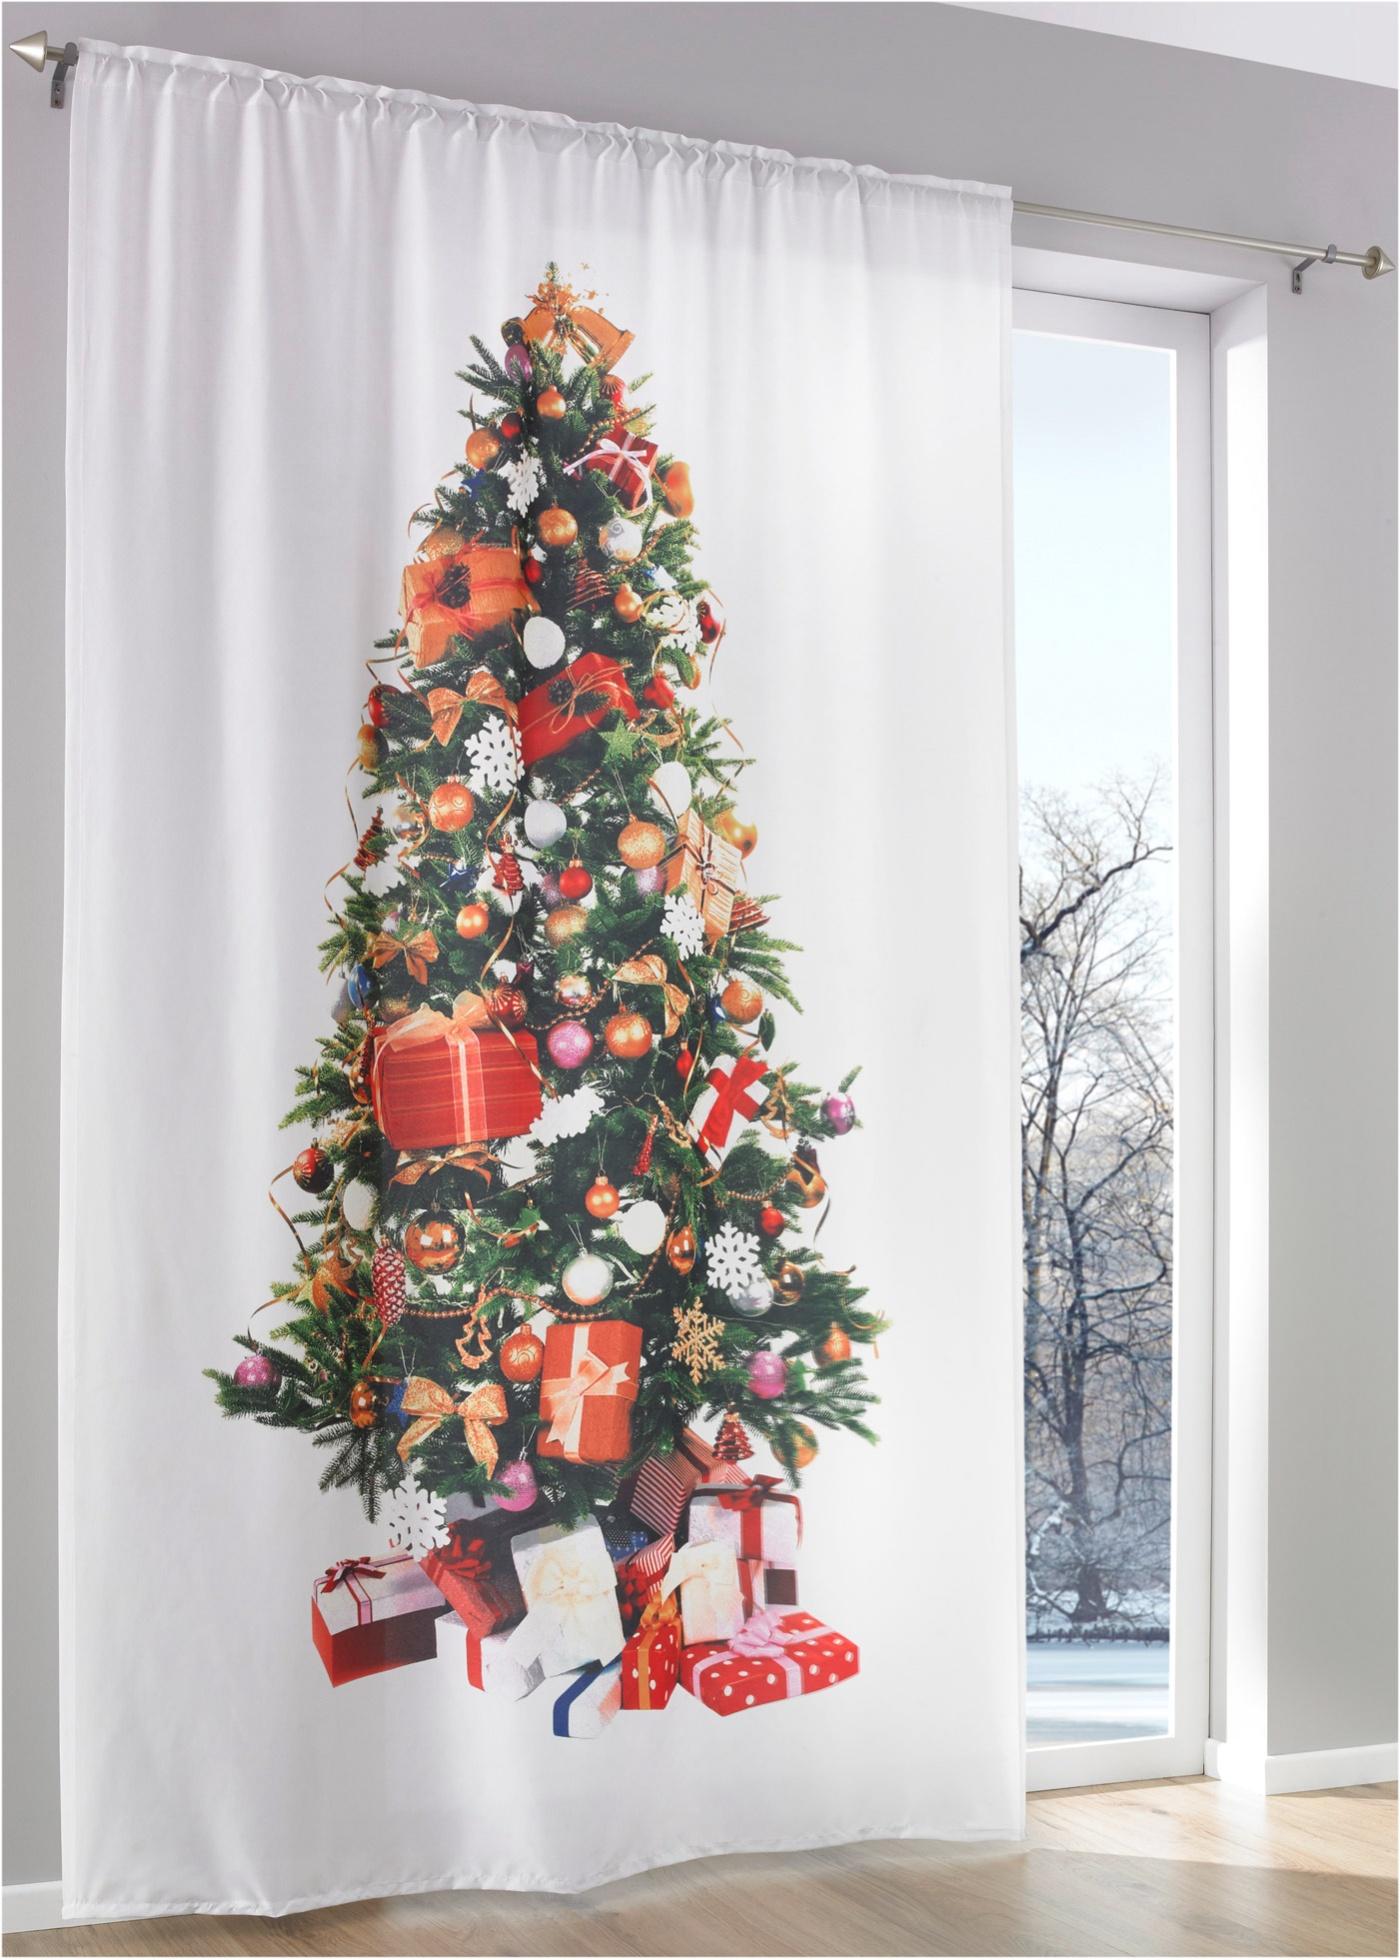 Závěs ''Vánoční stromek'' (1 ks v balení) - Bílá